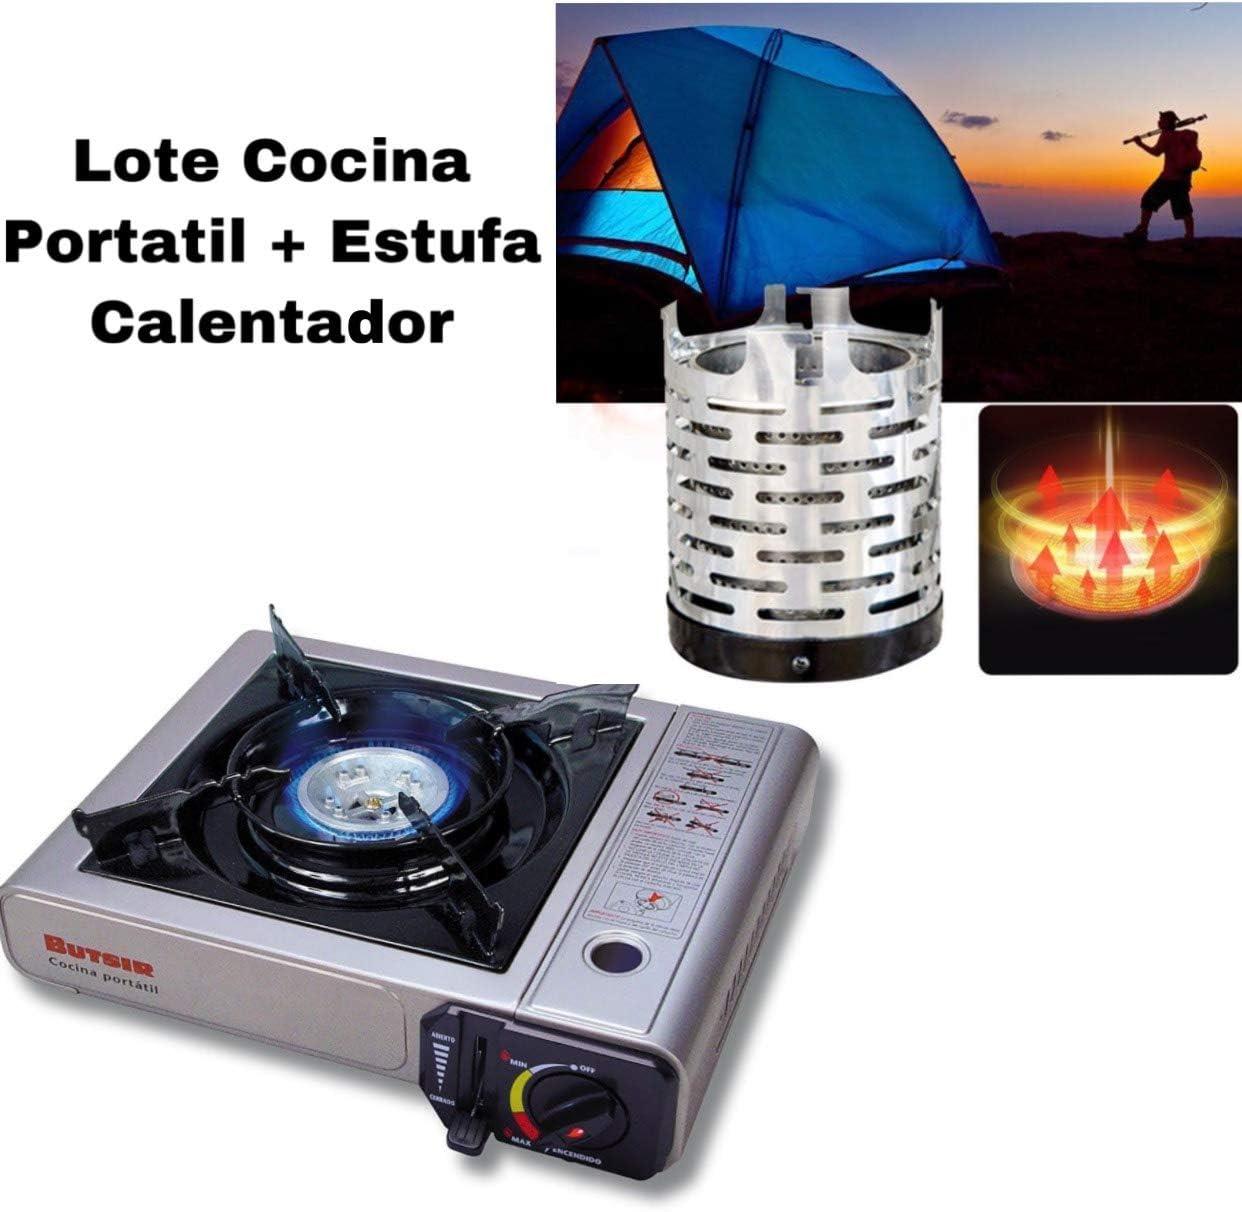 Envio 24h Lote Butsir Cocina MS-1000 + Butsir Calentador Estufa para Cocina Portatil para Camping al Aire Libre, Viajes, Camping, Pesca, Tienda de campaña de calefacción, Herramienta